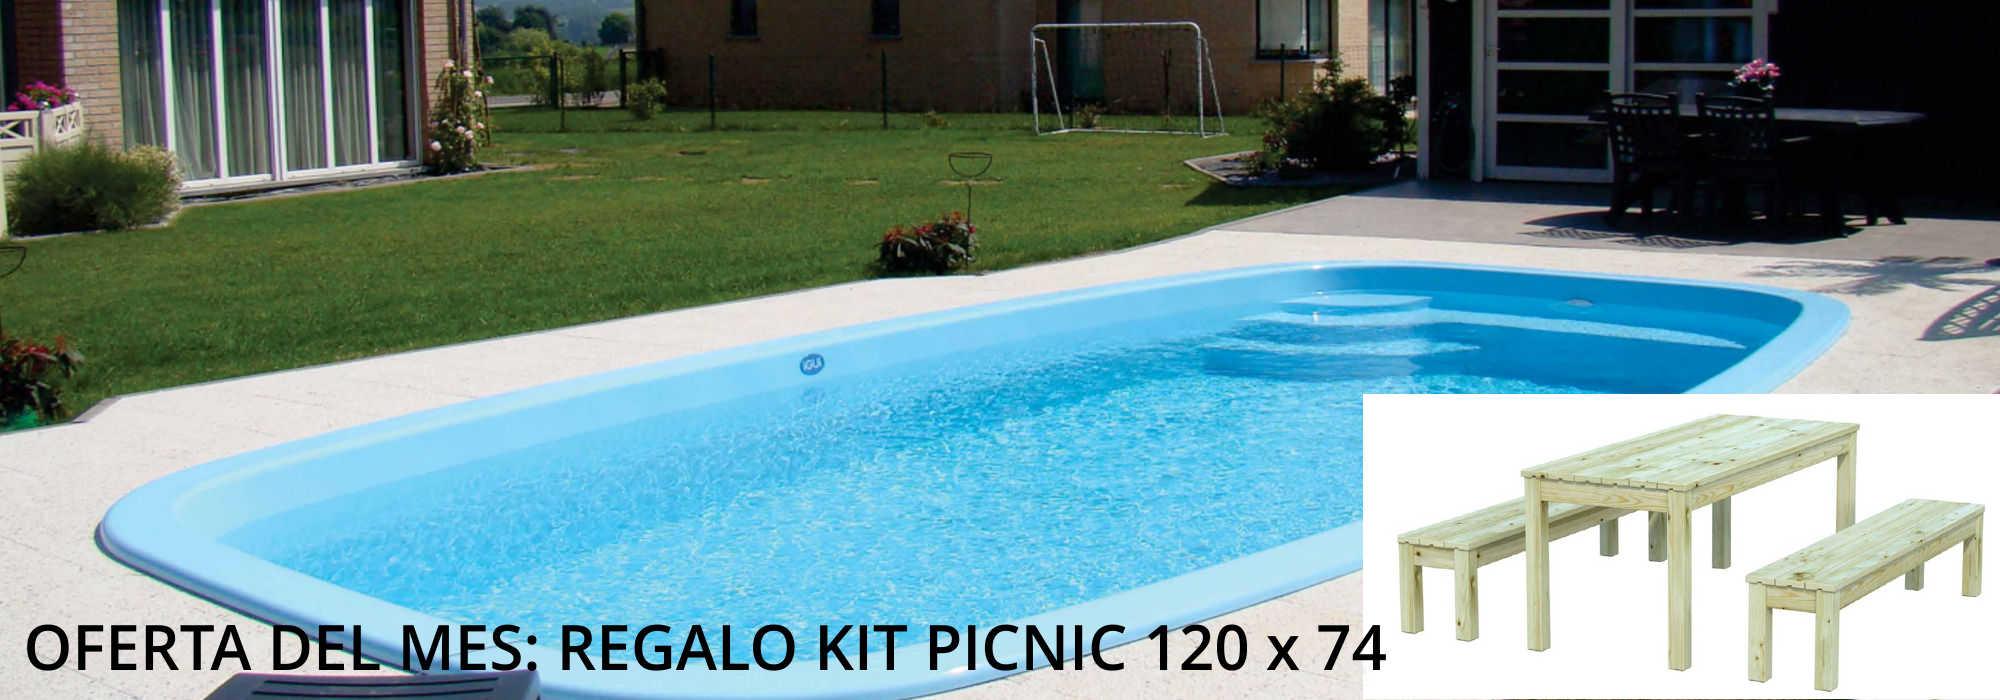 affordable instalacin de piscinas with piscinas de fibra precios - Piscinas De Fibra Precios